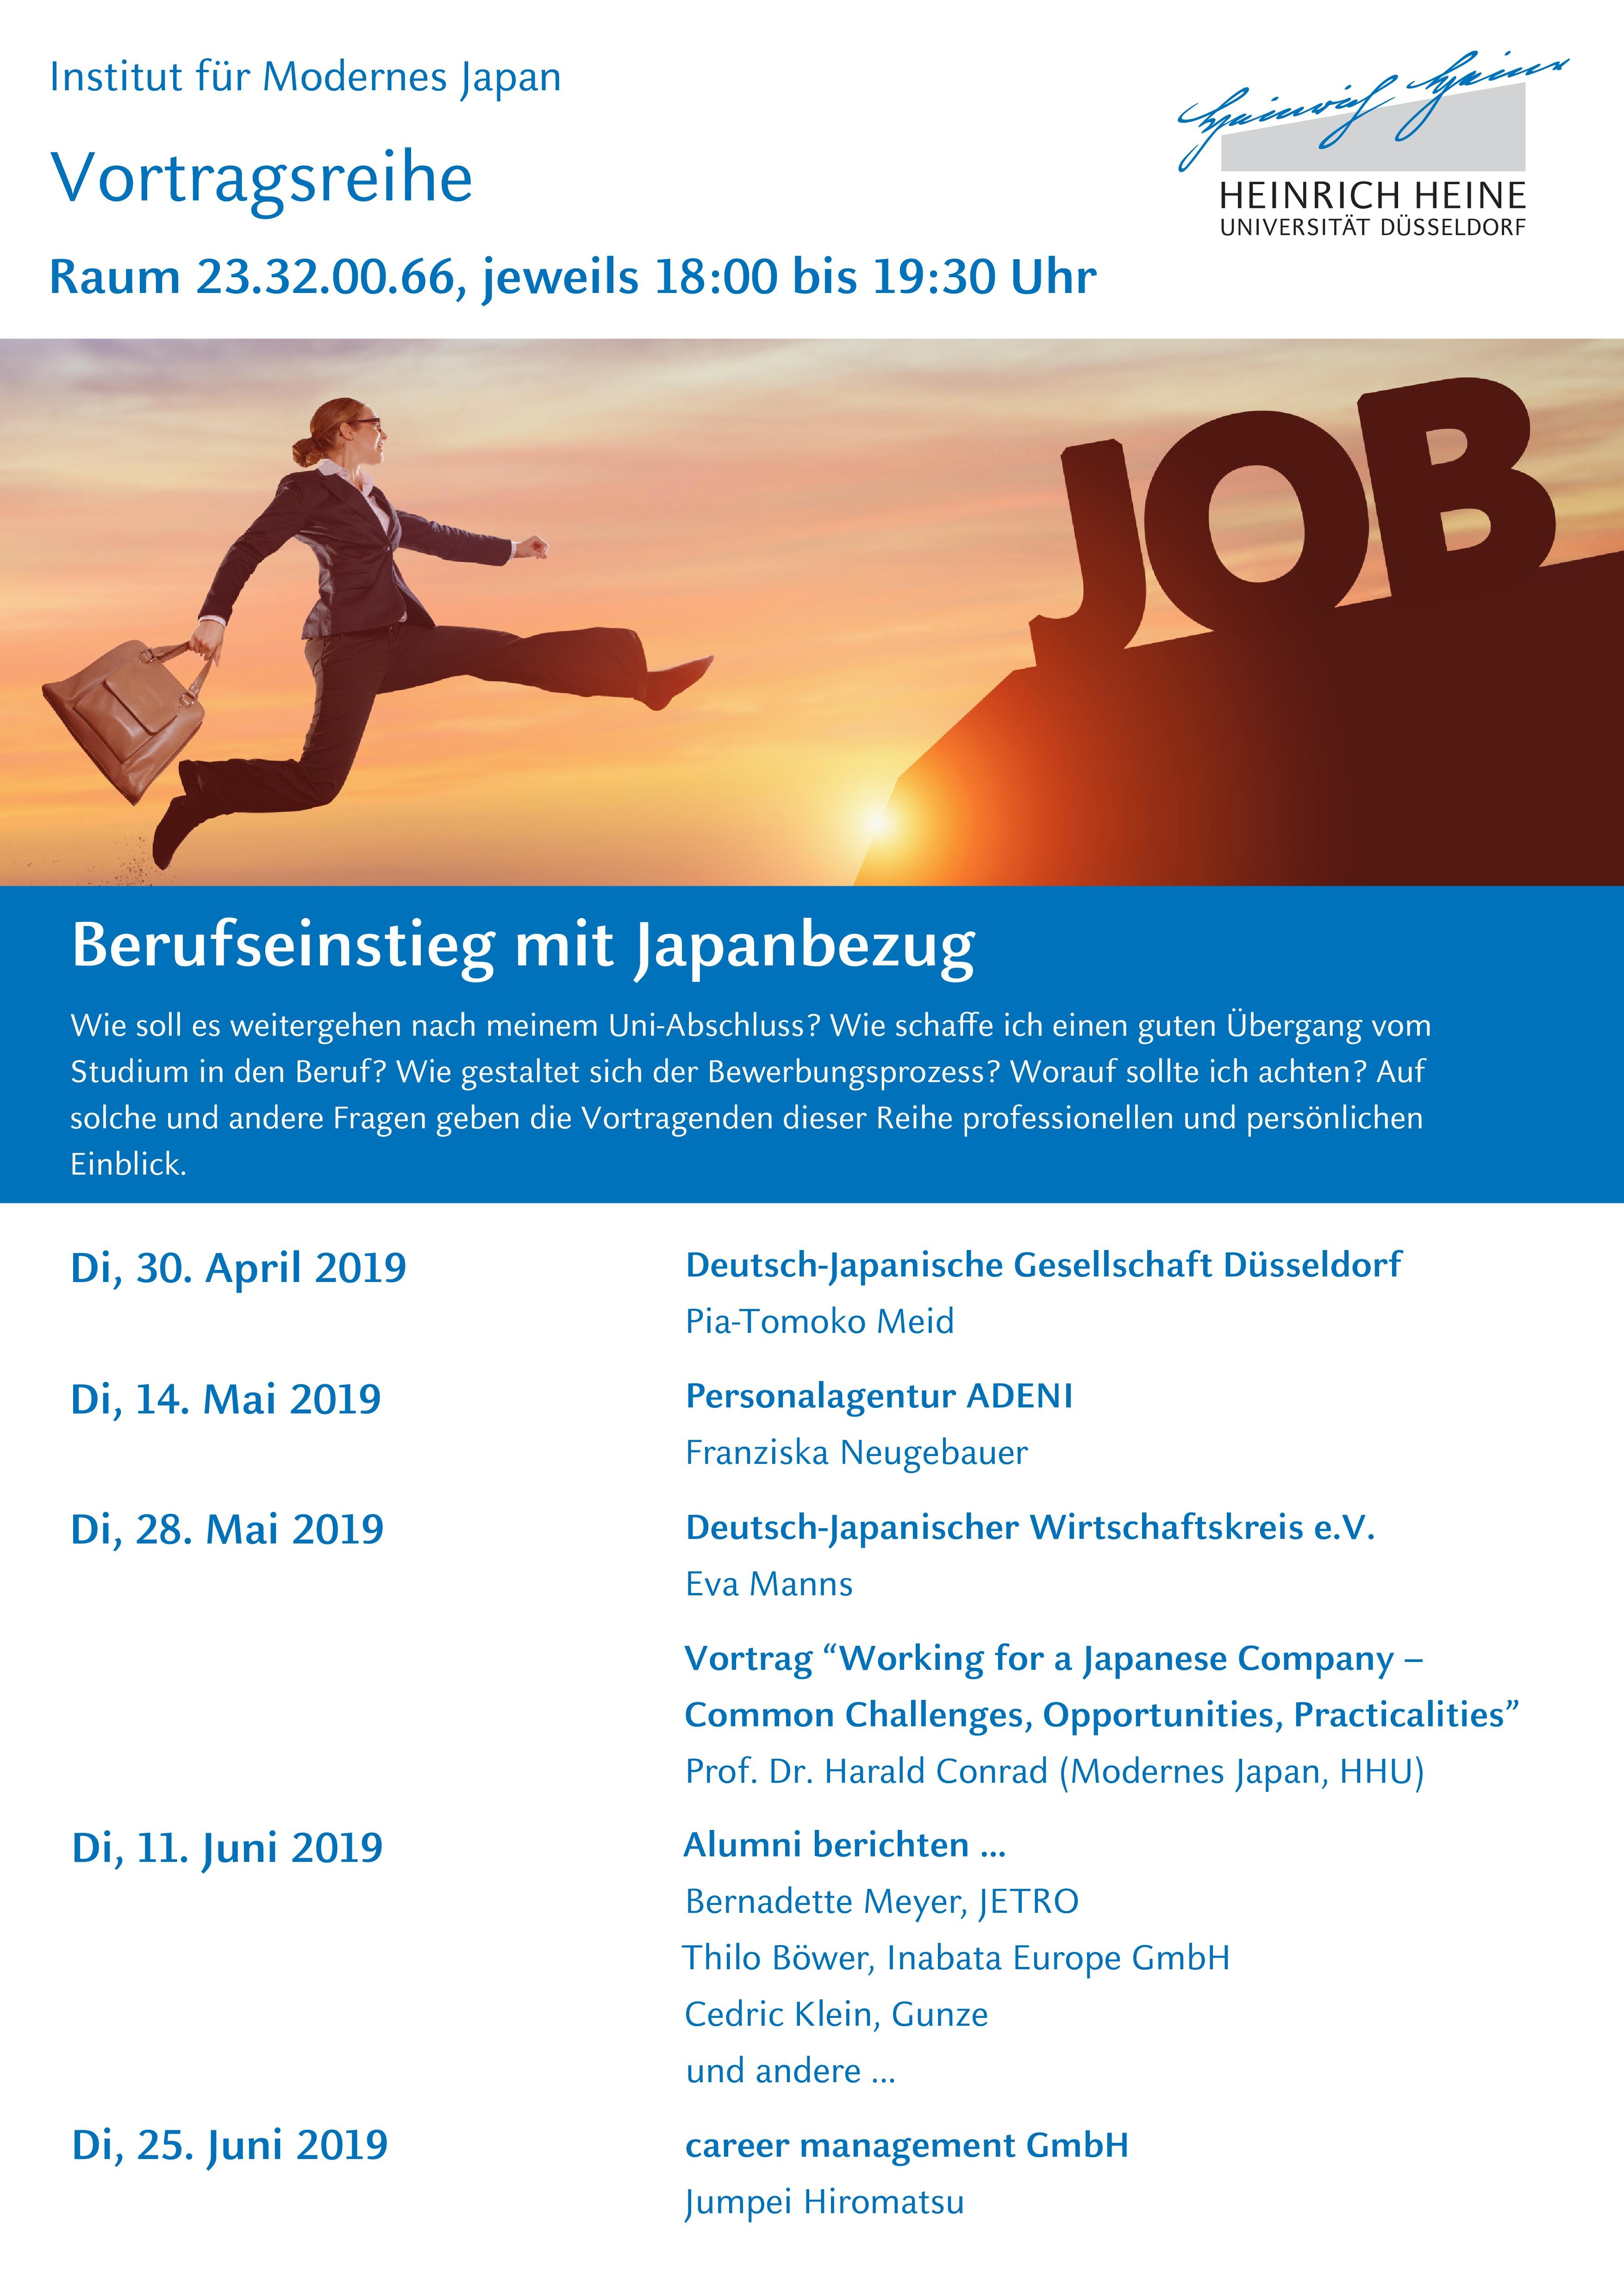 Berufseinstieg_neu_20190426